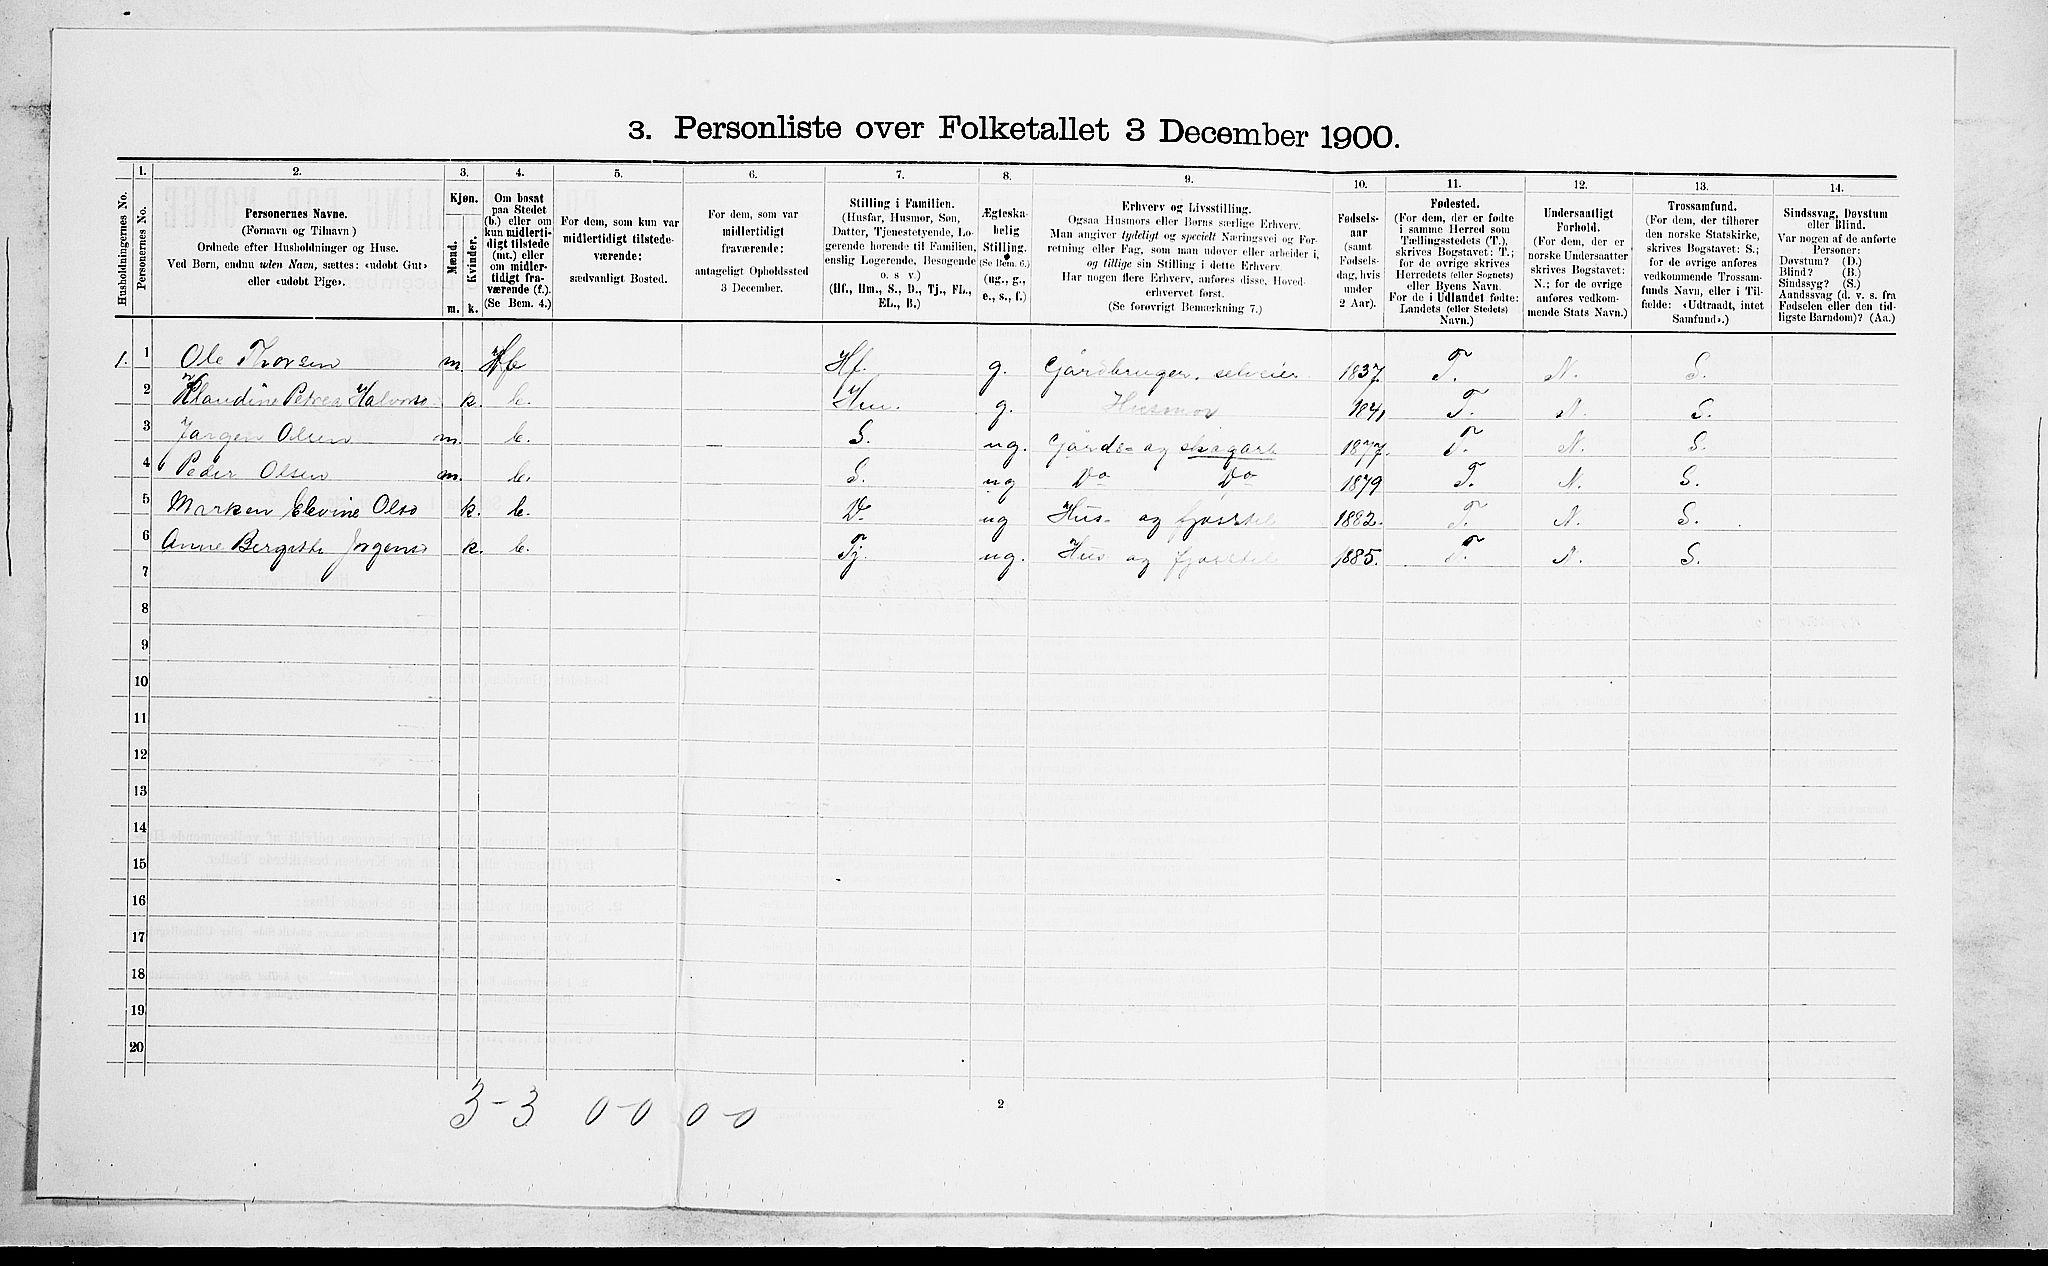 SAKO, Folketelling 1900 for 0817 Drangedal herred, 1900, s. 578